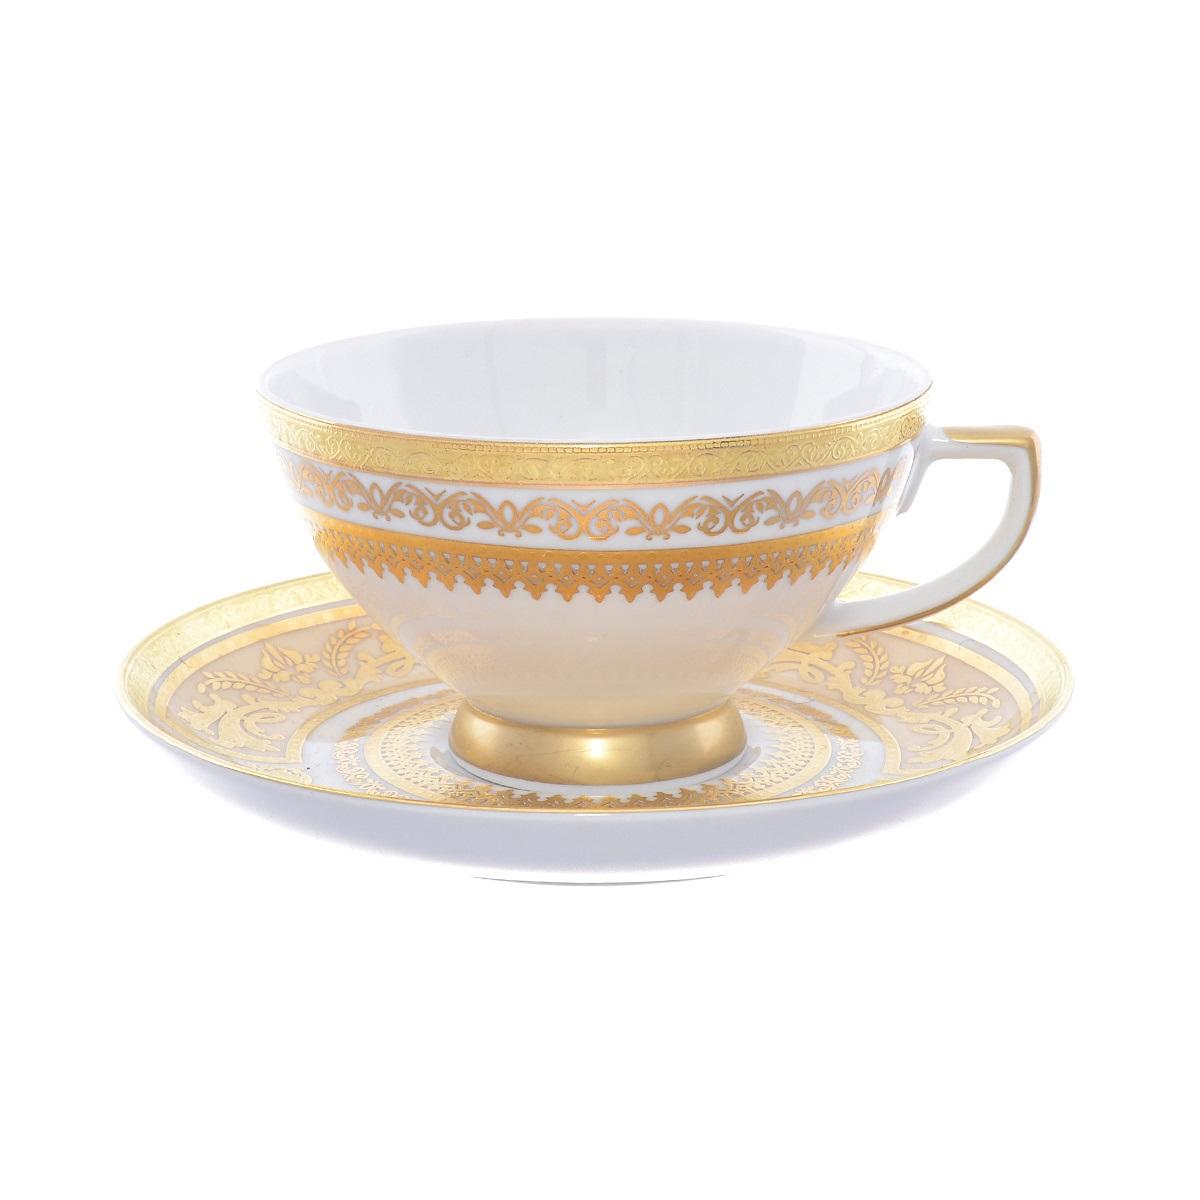 Набор чашек 220 мл с блюдцами DIADEM WHITE CREME GOLD от Falkenporzellan, 6 пар